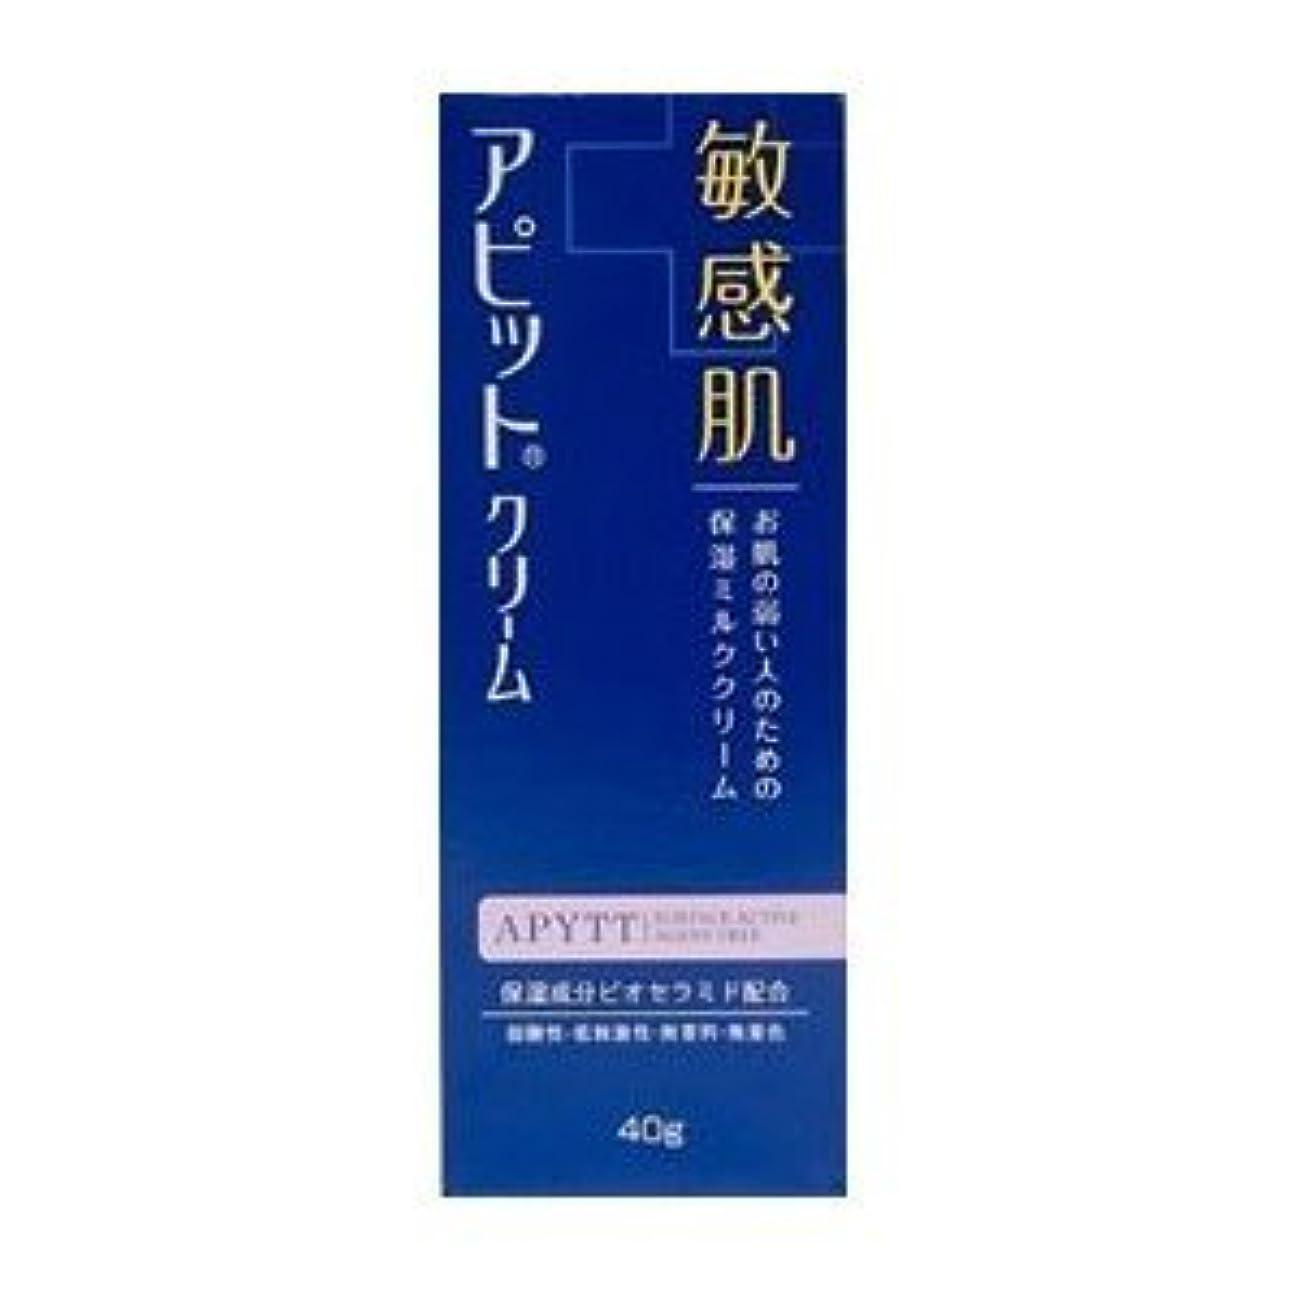 ナイロンメイド大混乱全薬工業 アピットクリーム 40g×3個セット (医薬部外品)